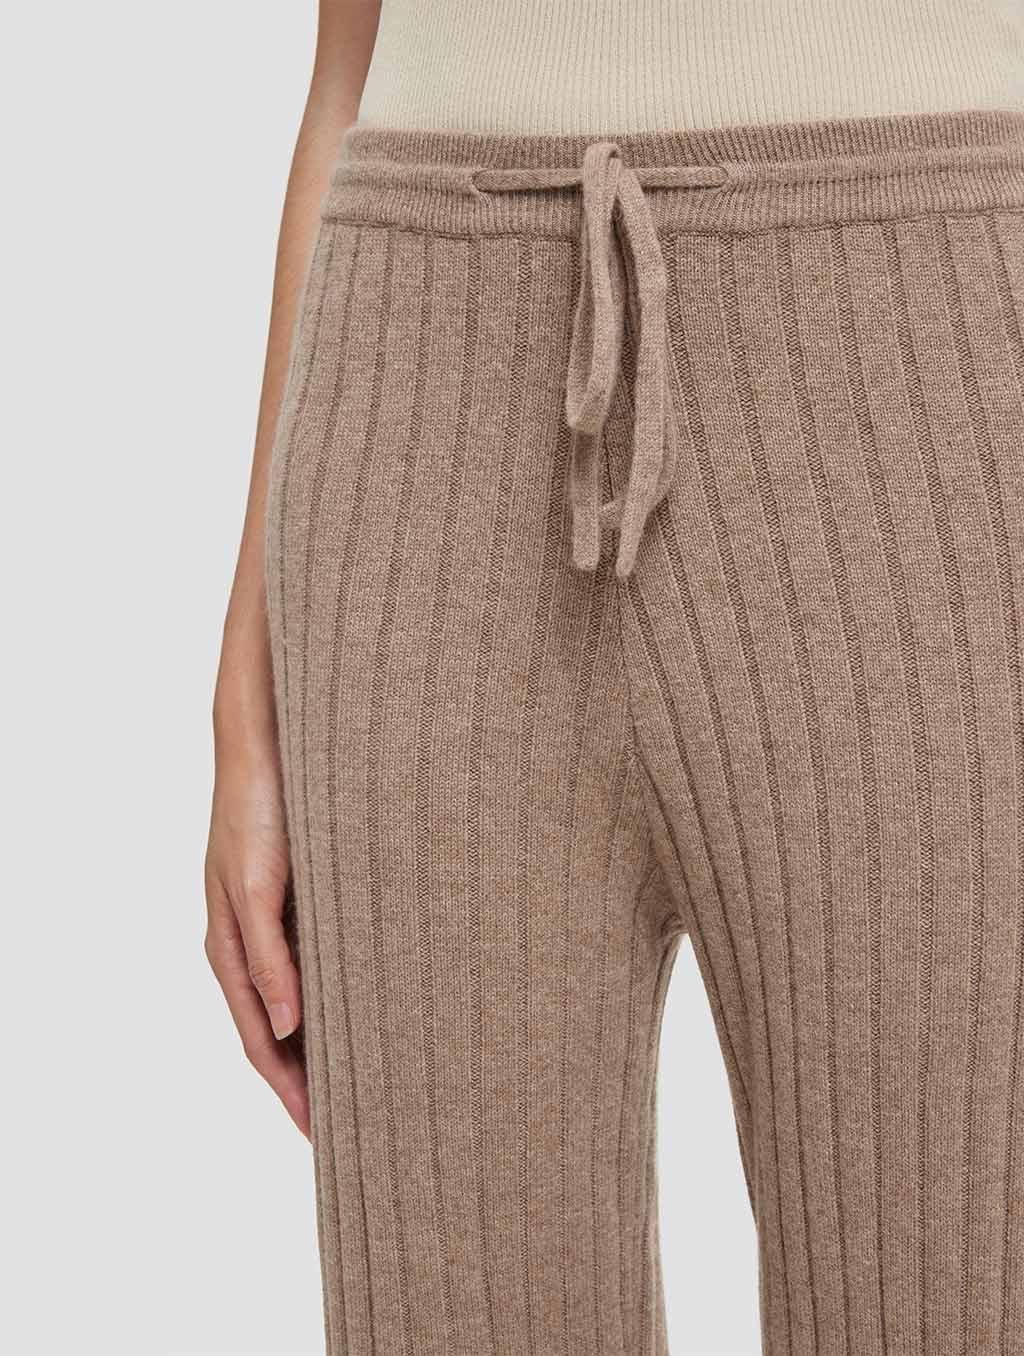 Slim fit casual cashmere pants-detail-khaki